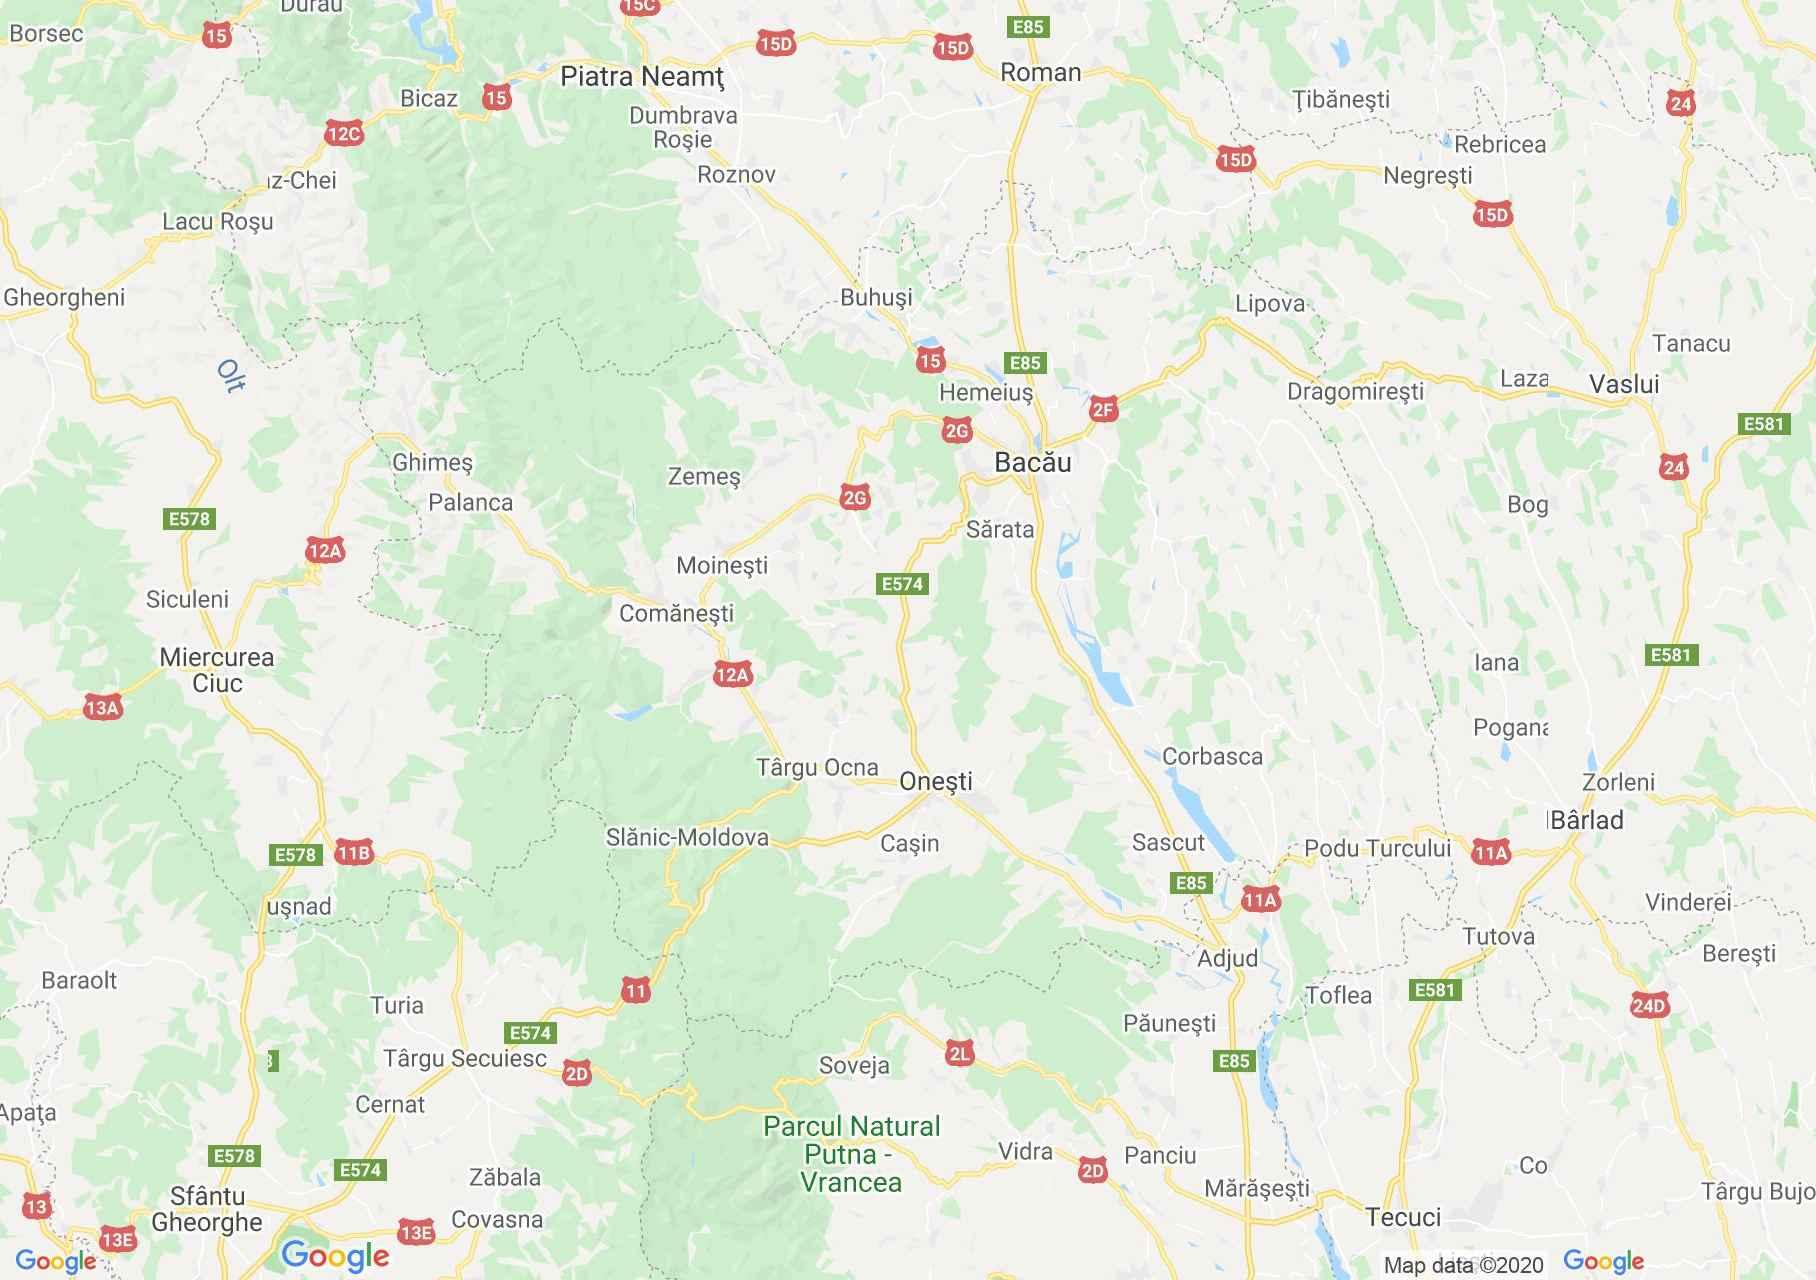 Judeţul Bacău: (Bacău), Harta turistică interactivă